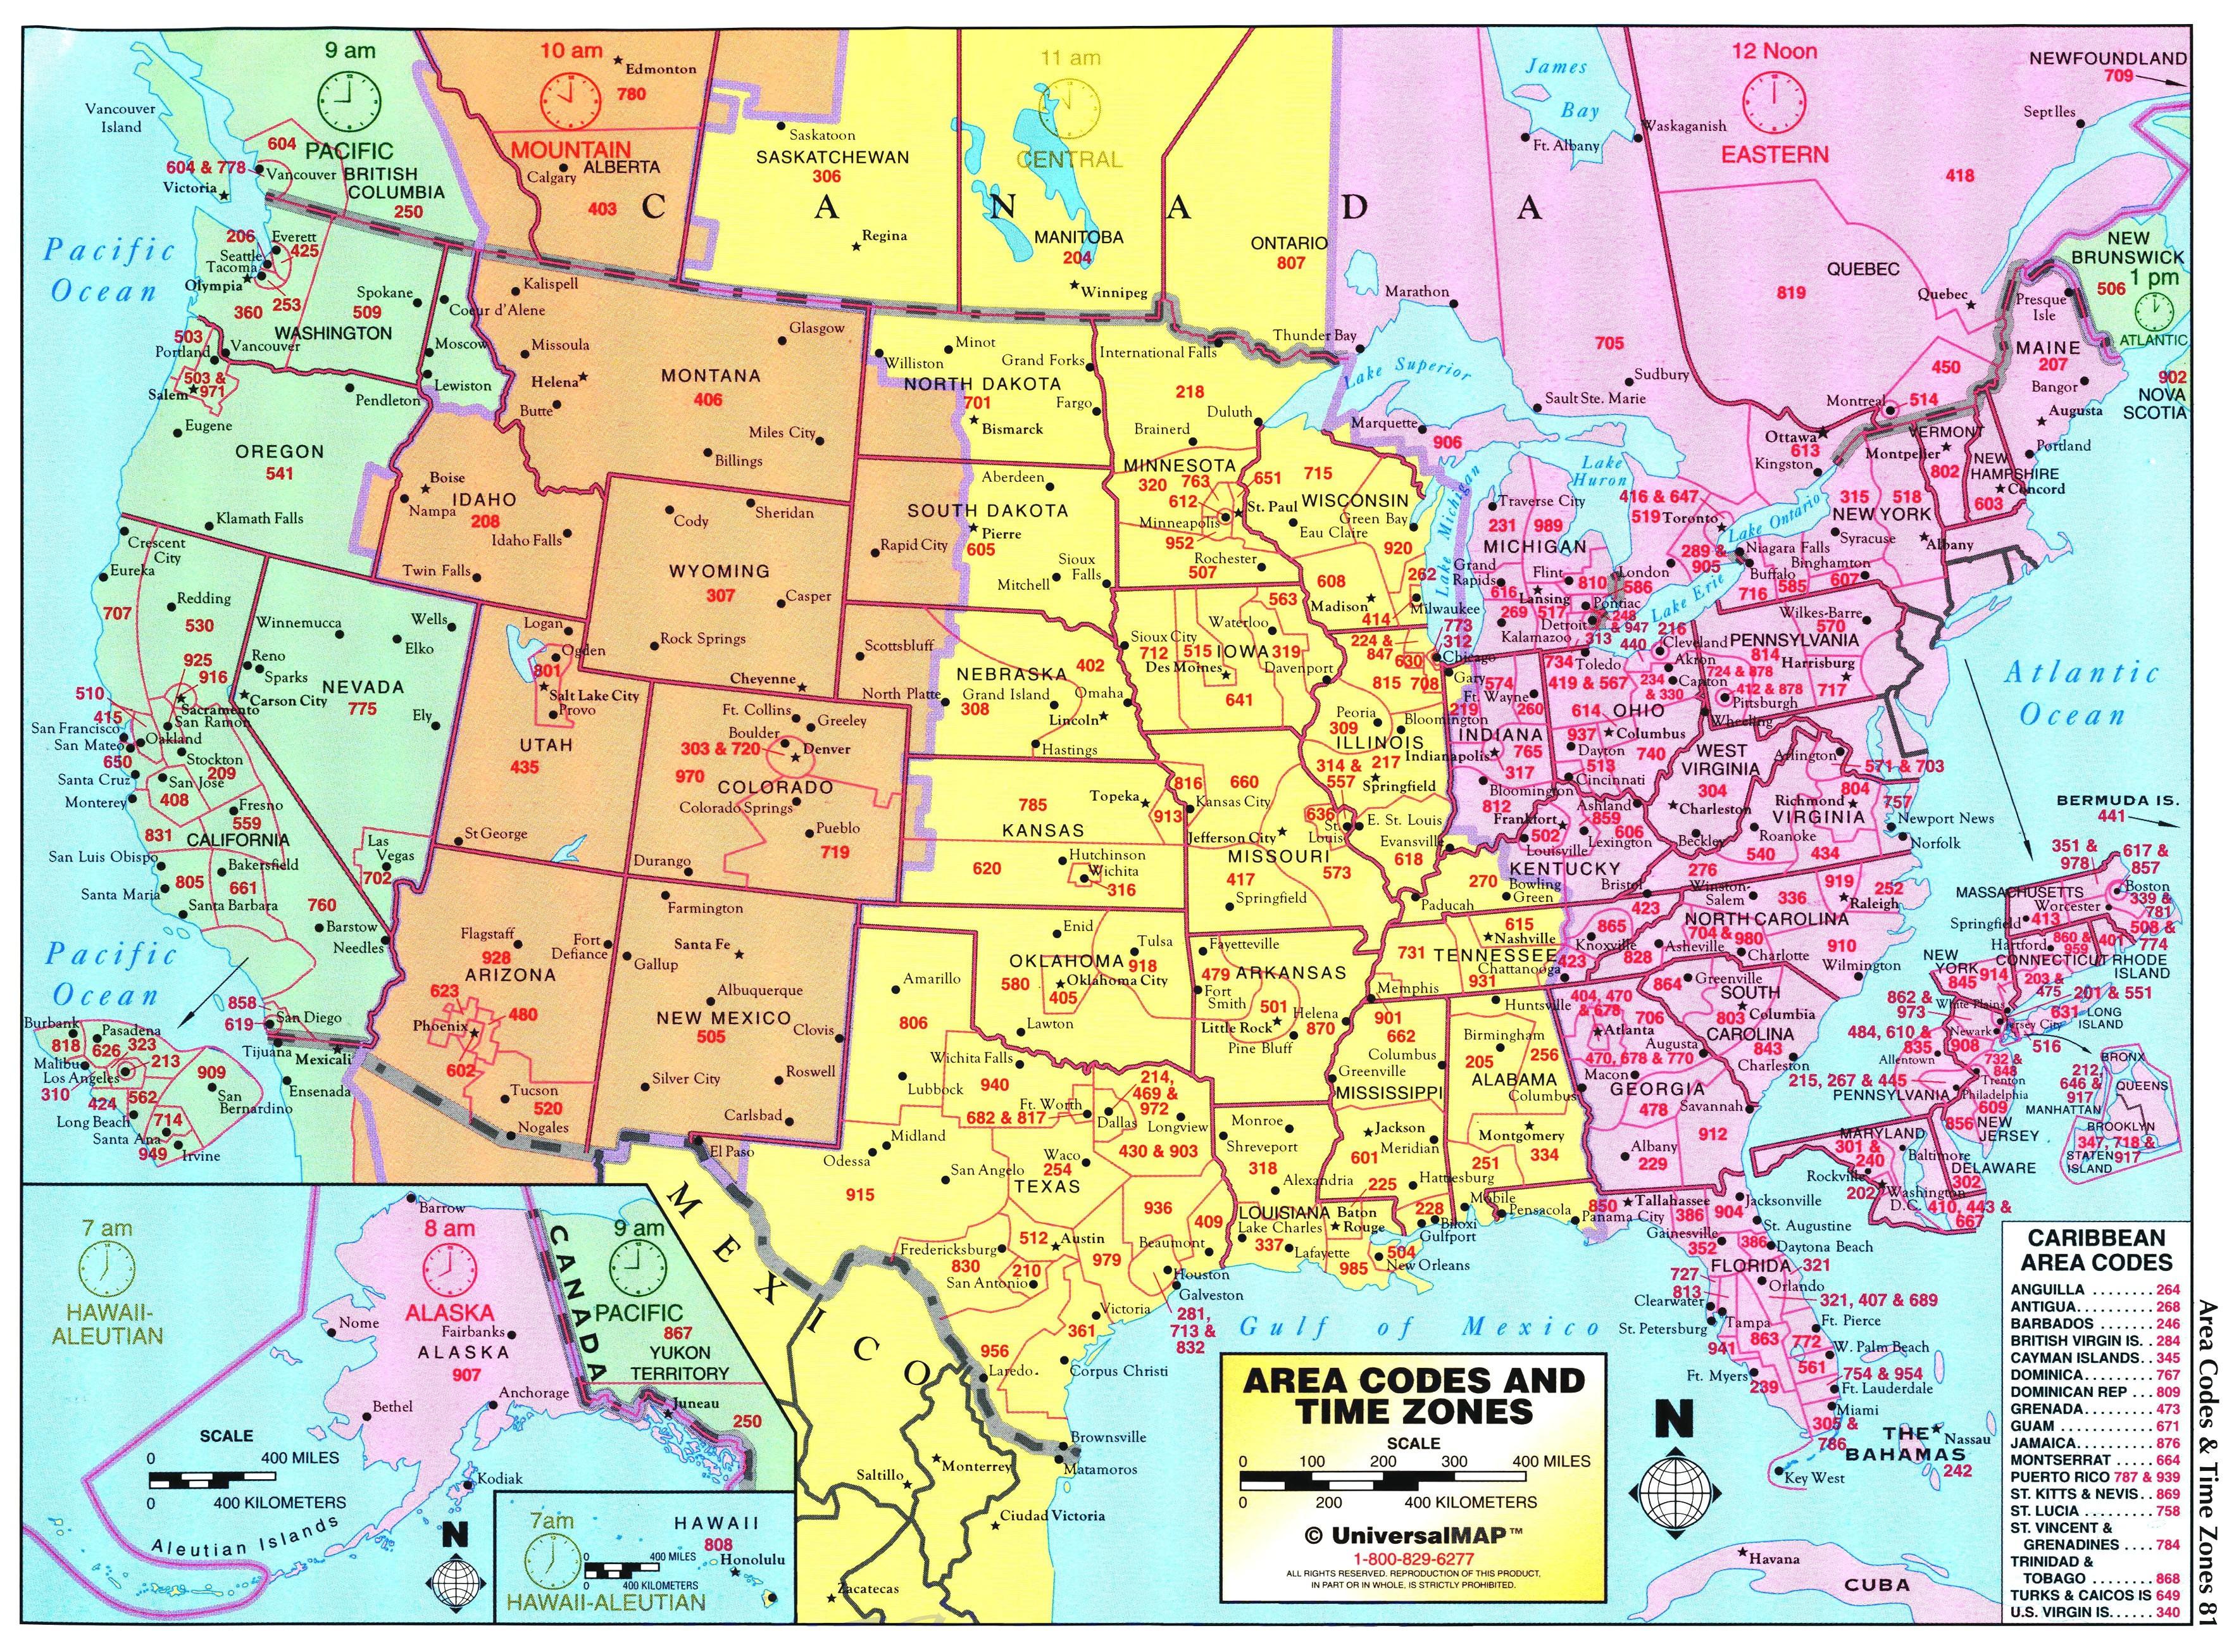 United States Map Orlando Florida New Detailed Map Florida Cities - Detailed Map Of Orlando Florida